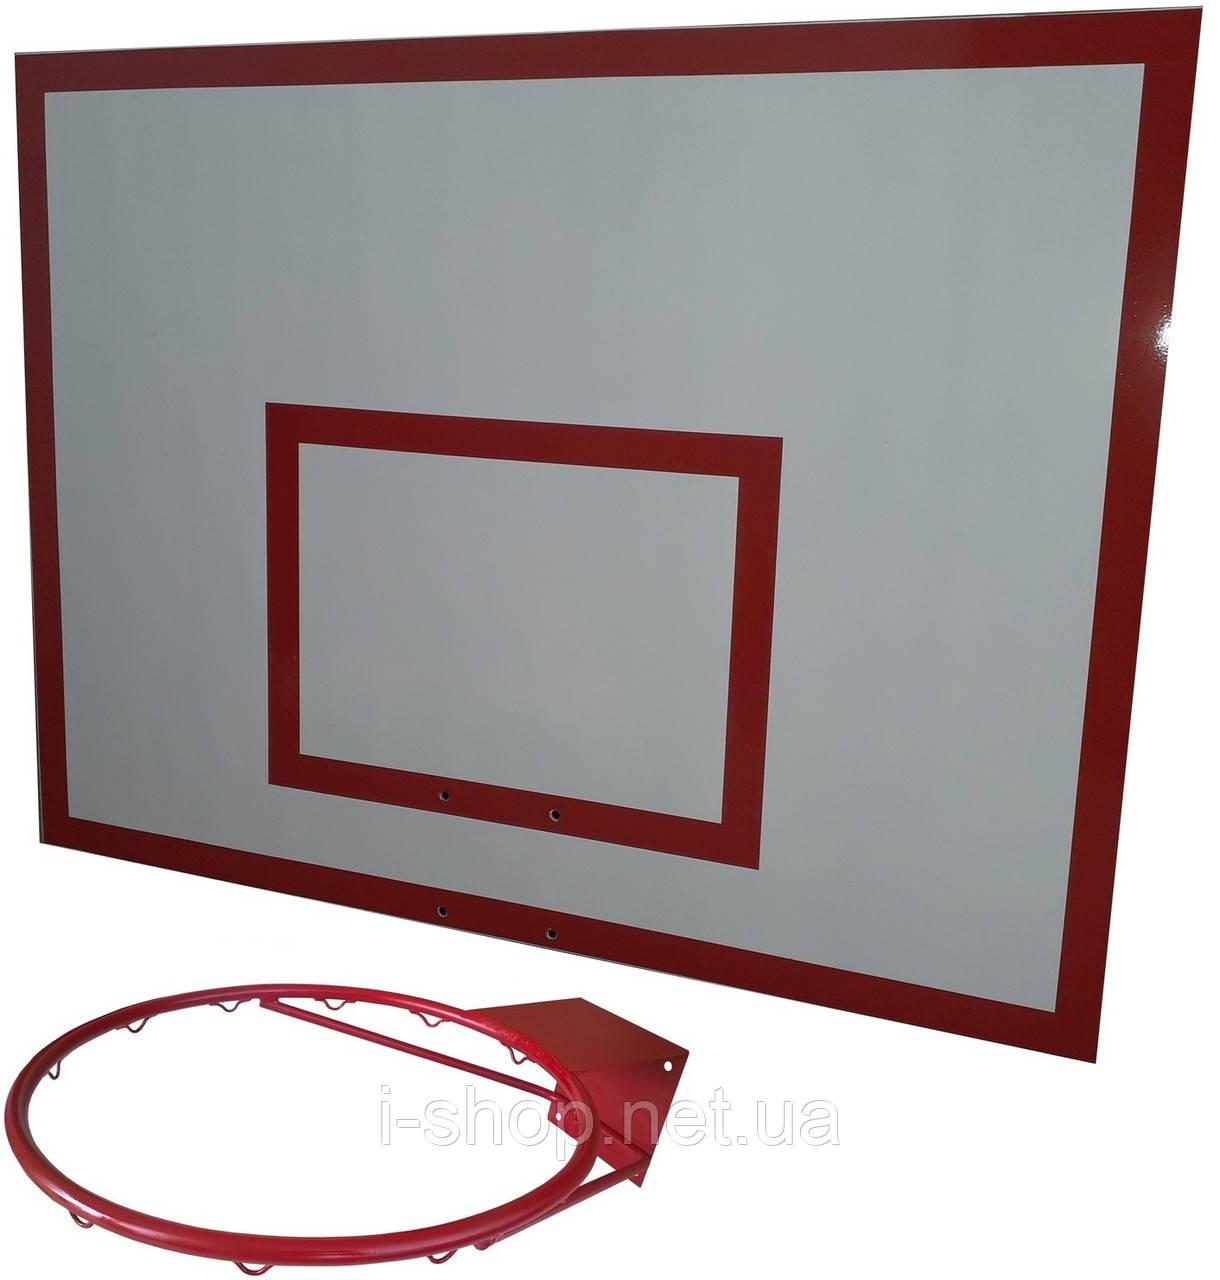 Щит баскетбольный металлический (90*120 см)